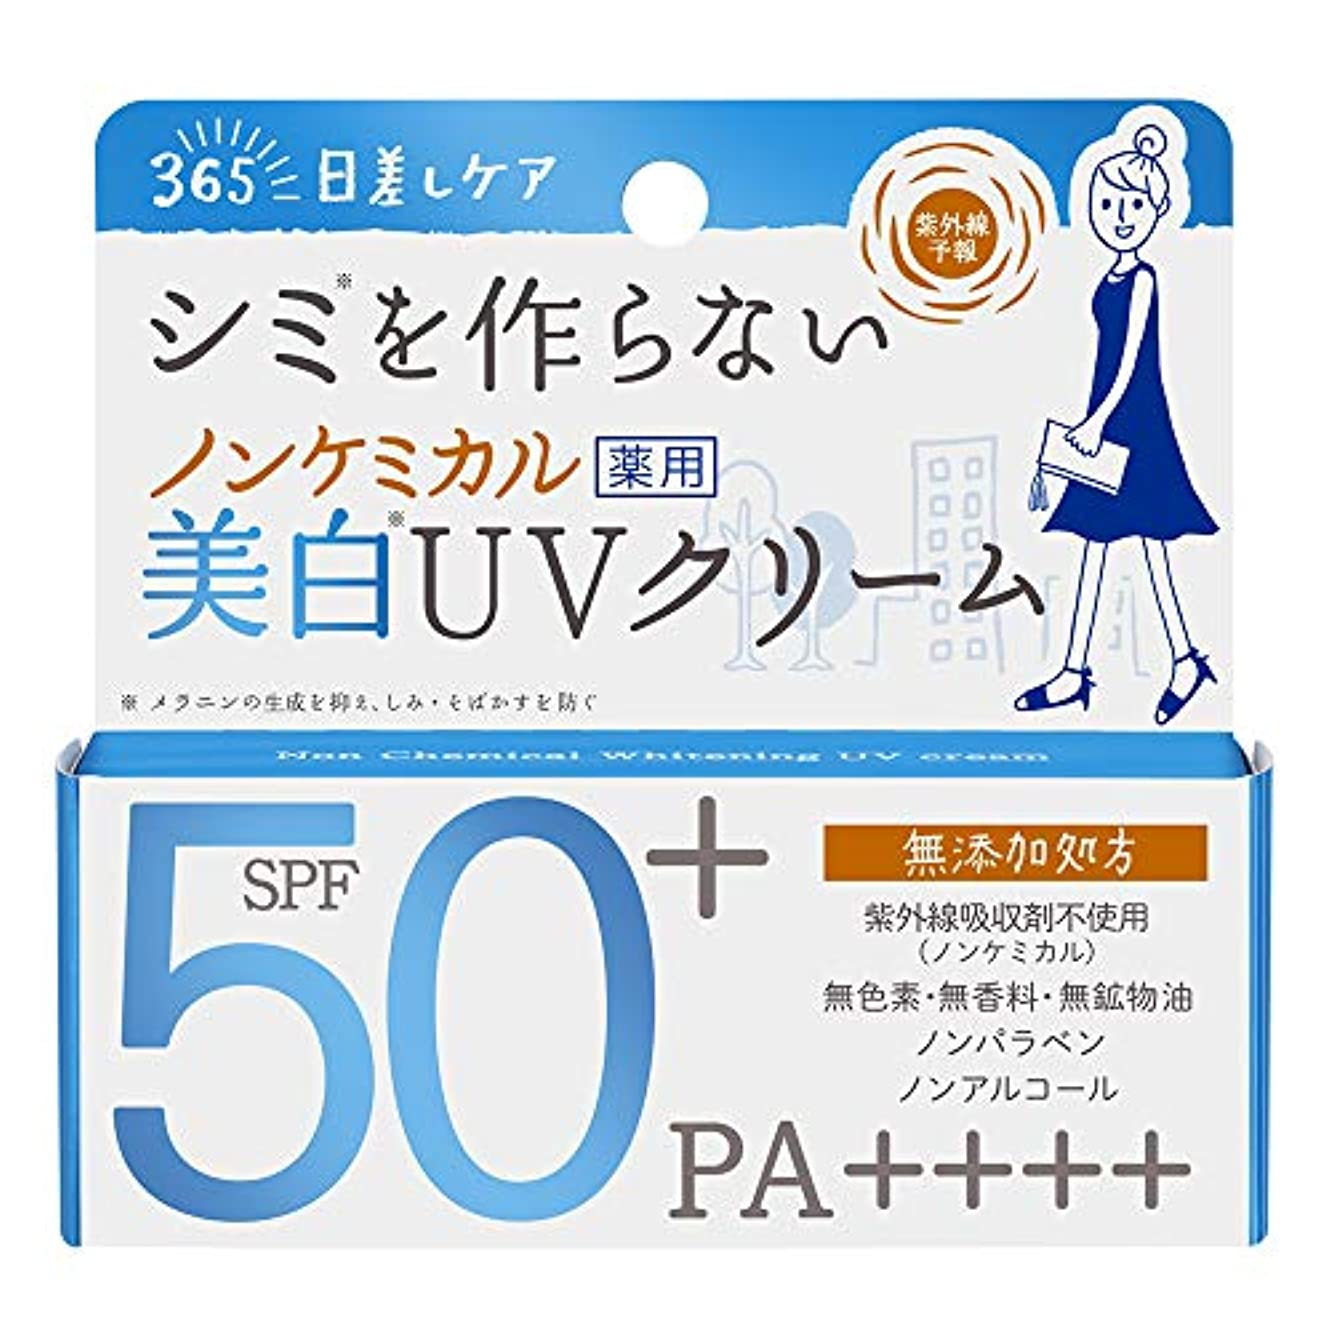 胃メイエラ法廷紫外線予報 ノンケミカル薬用美白UVクリーム 40g